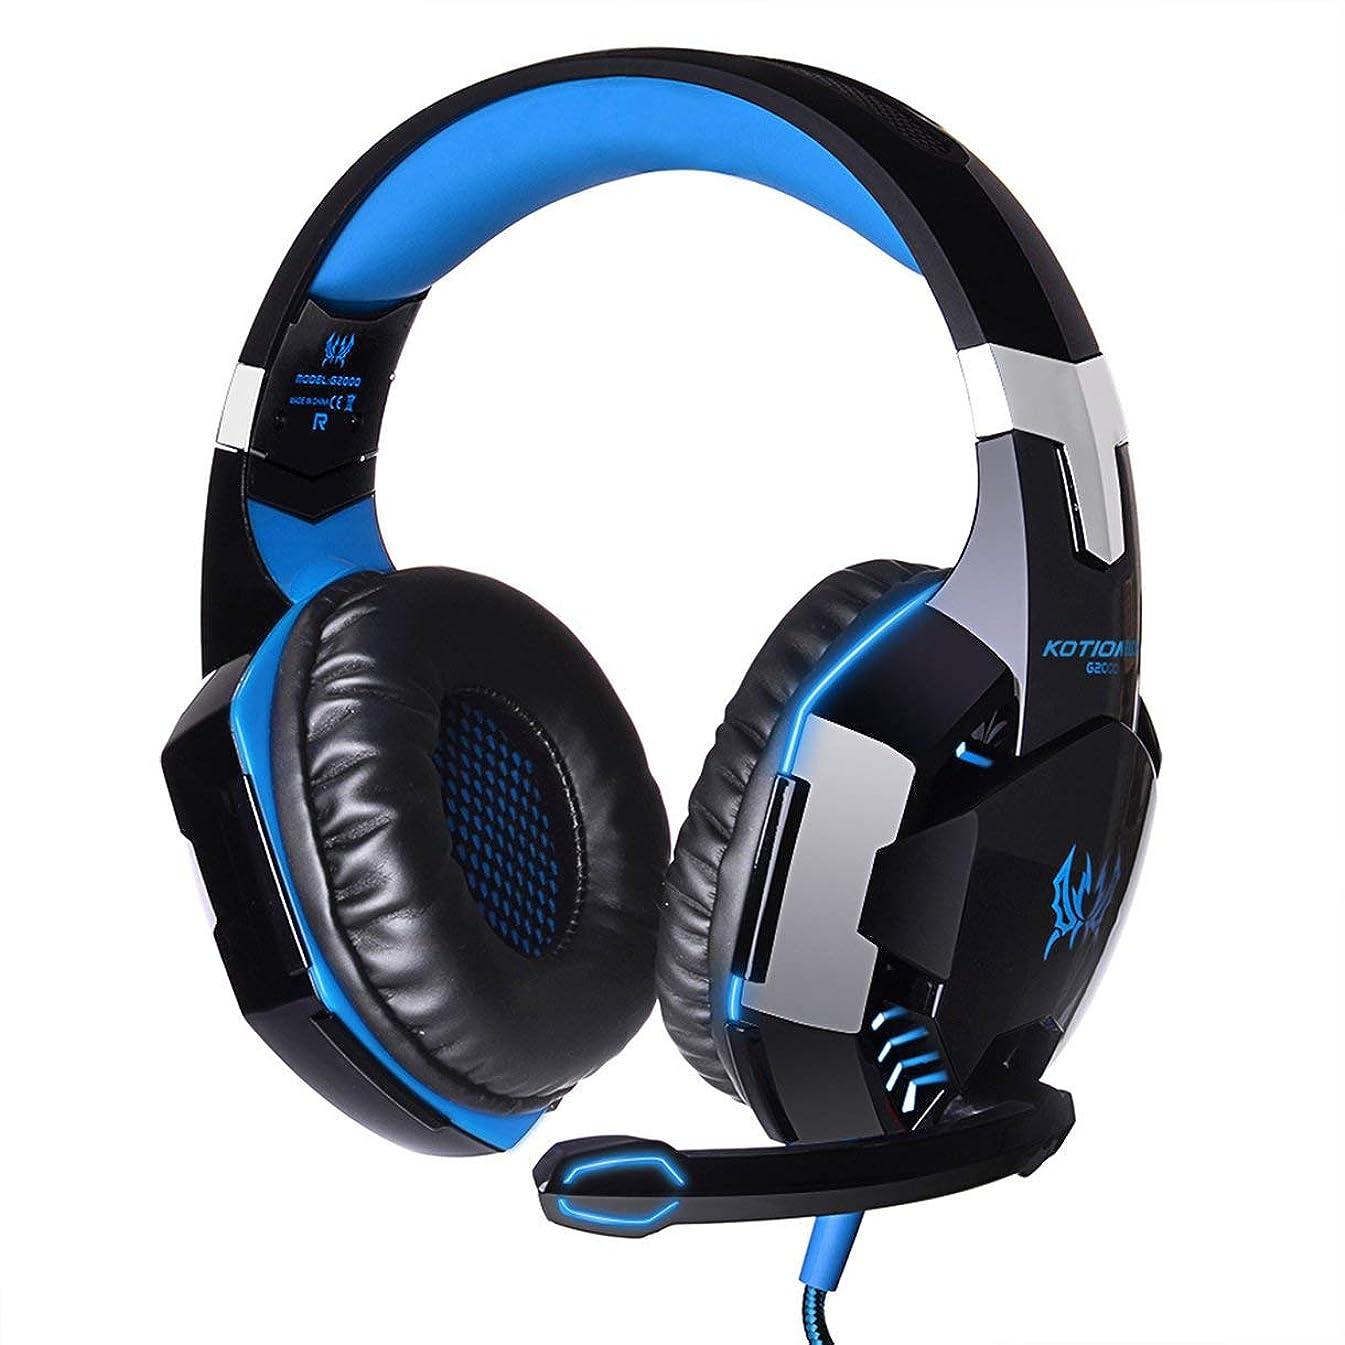 すきうるさいファシズムBibipangstore Xbox One PS4 PC用ステレオゲーミングヘッドセット、マイクLEDライトをキャンセルするノイズ付きのサラウンドサウンドオーバーイヤーヘッドフォン